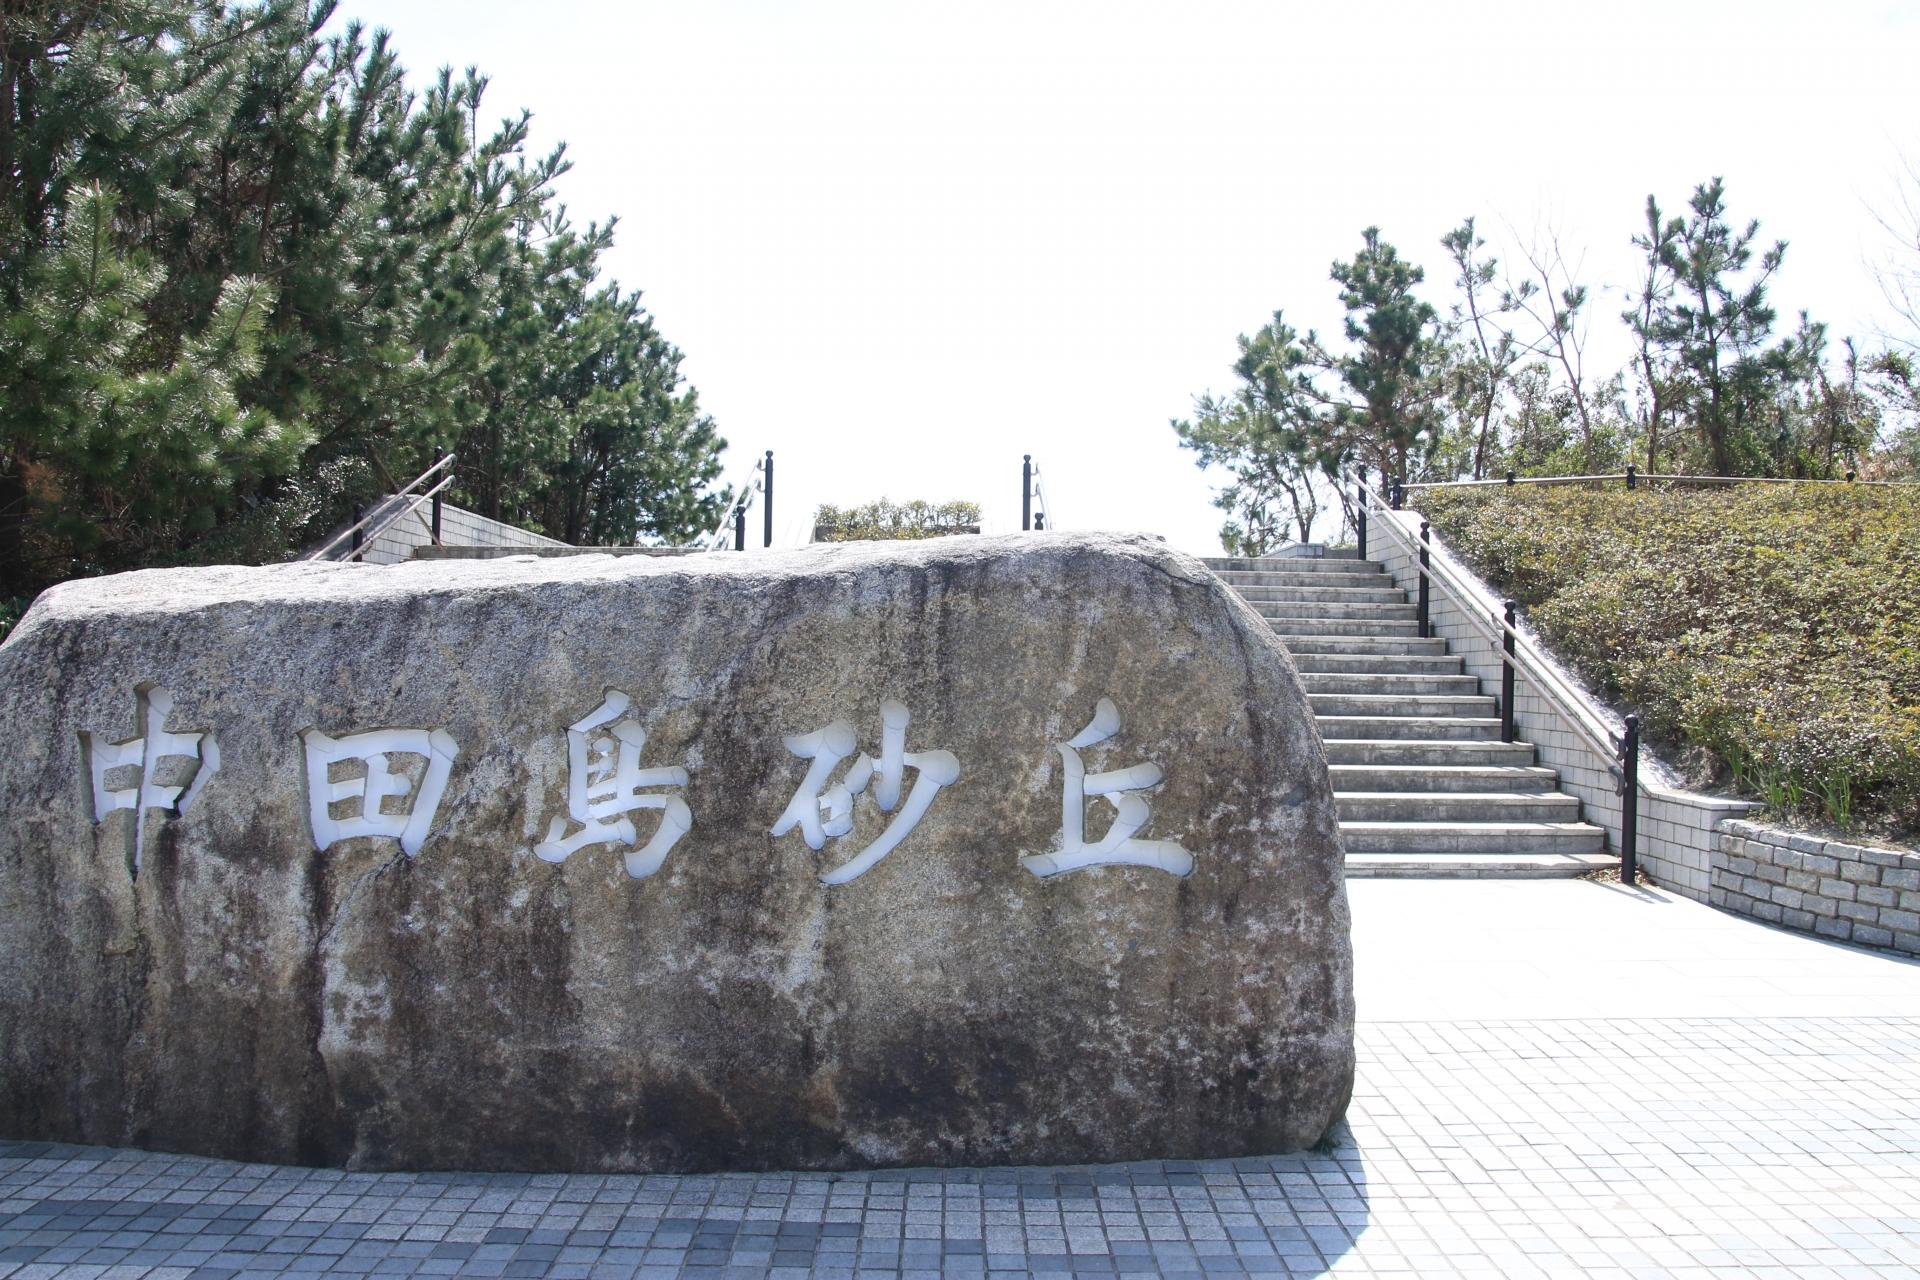 浜松の中田島砂丘を観光しよう!実はデートコースとしても有名!